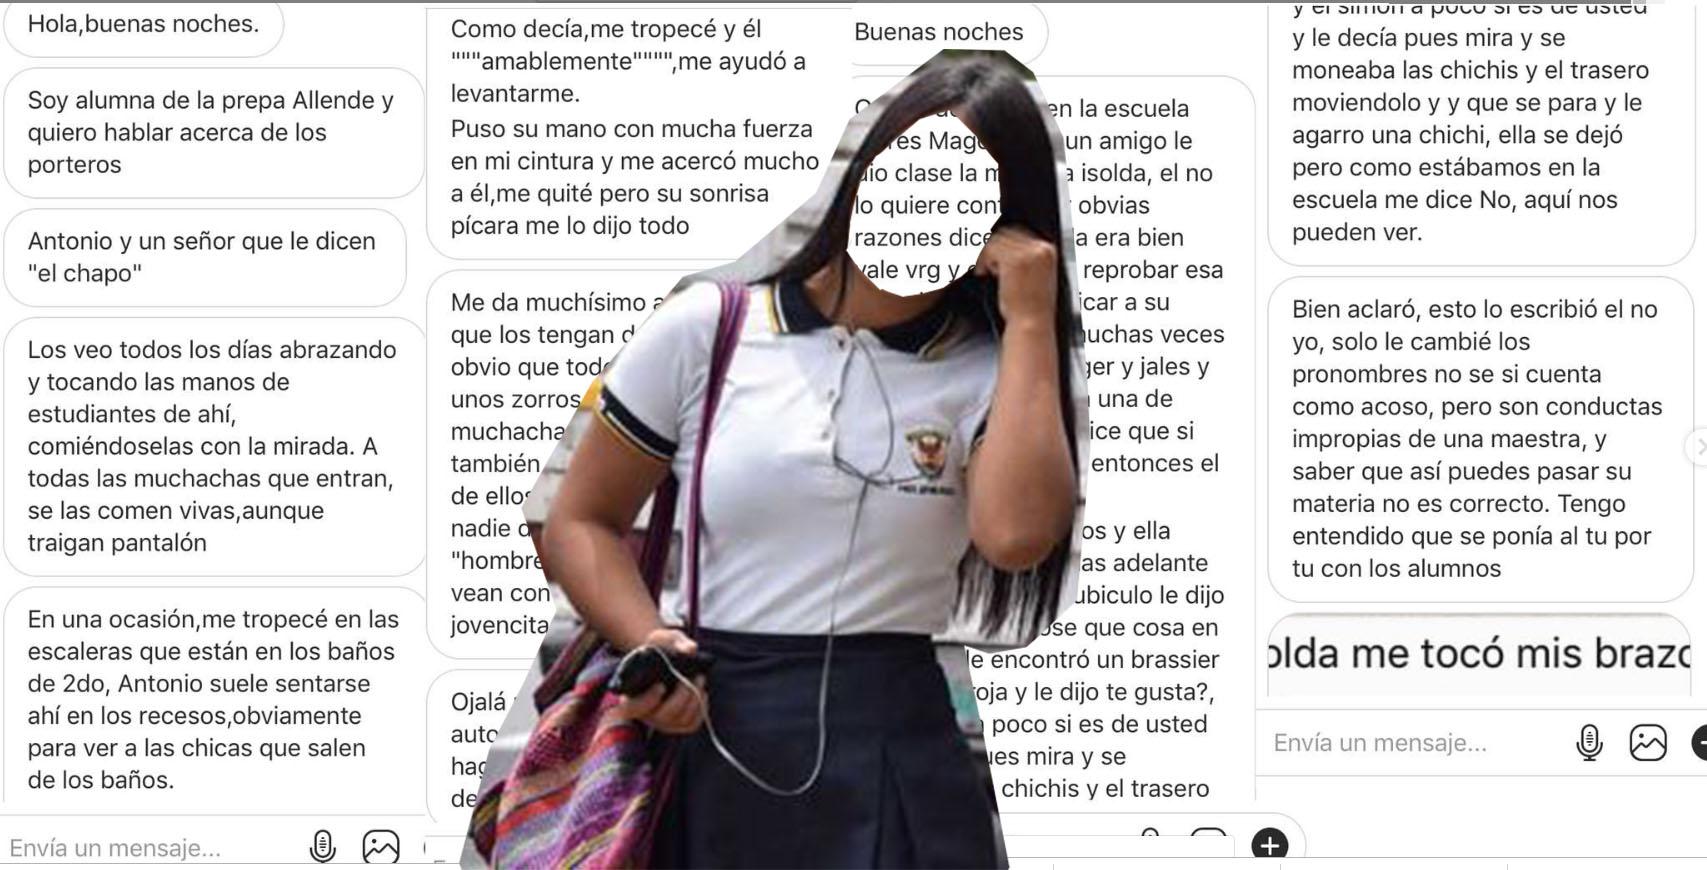 Rompen el silencio | Alumnas denuncian años de acoso y abusos en la UAS (Sinaloa)